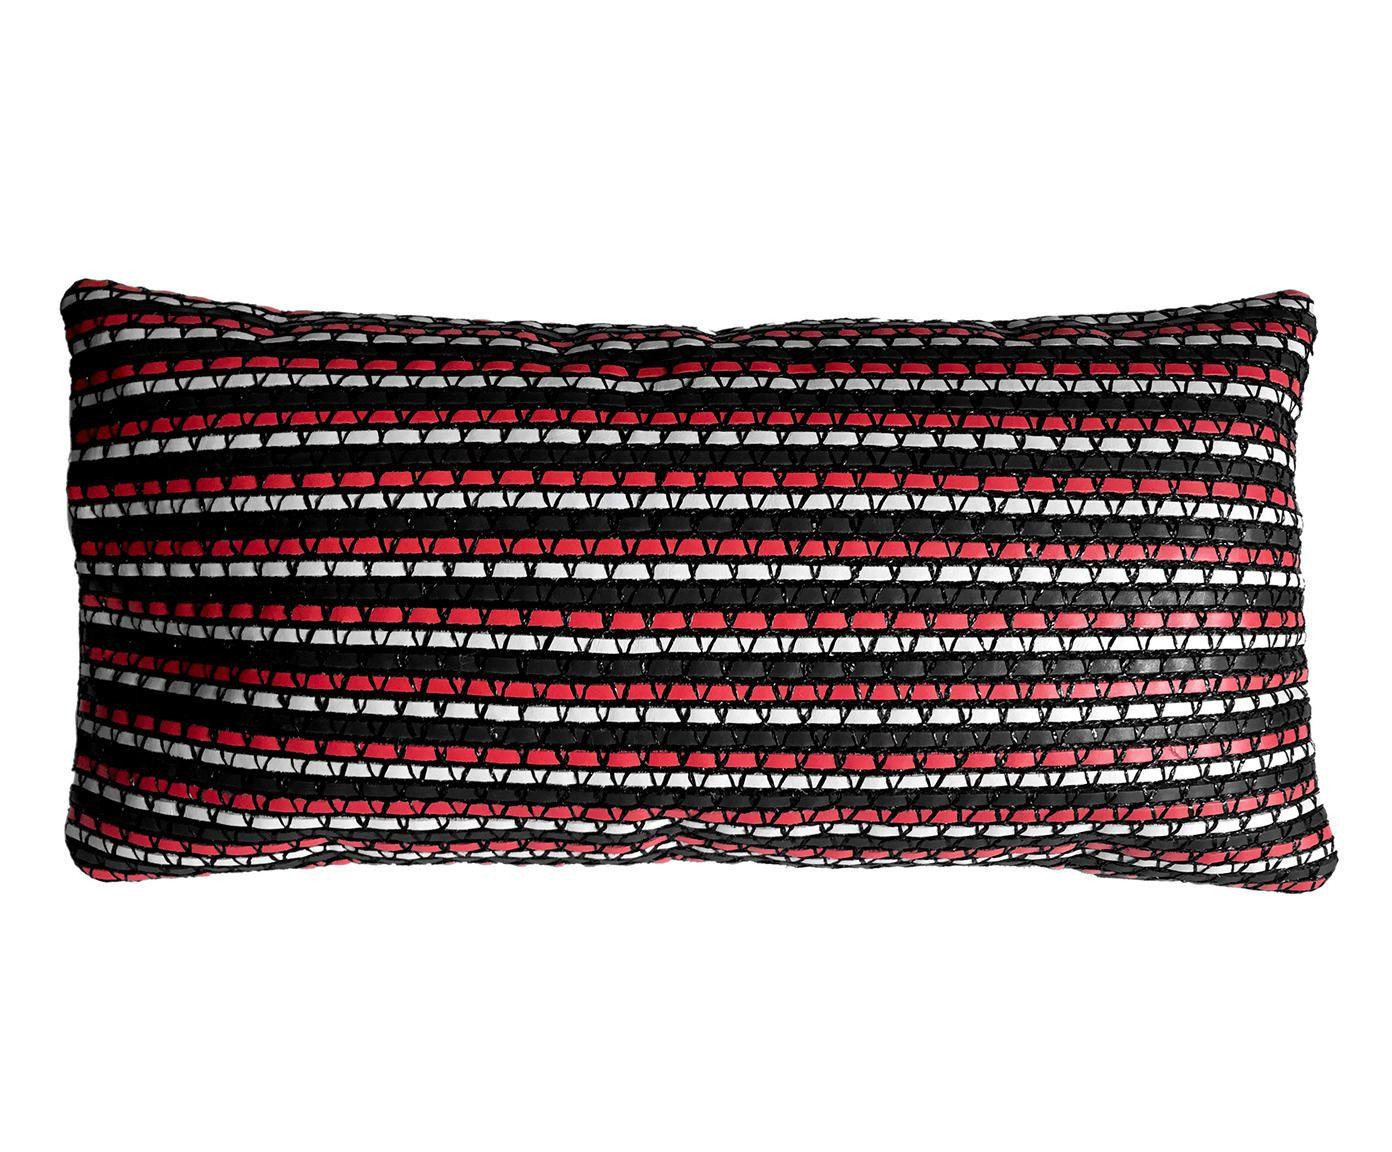 Capa de Almofada Tressê Rede Vermelha - 25X50cm   Westwing.com.br